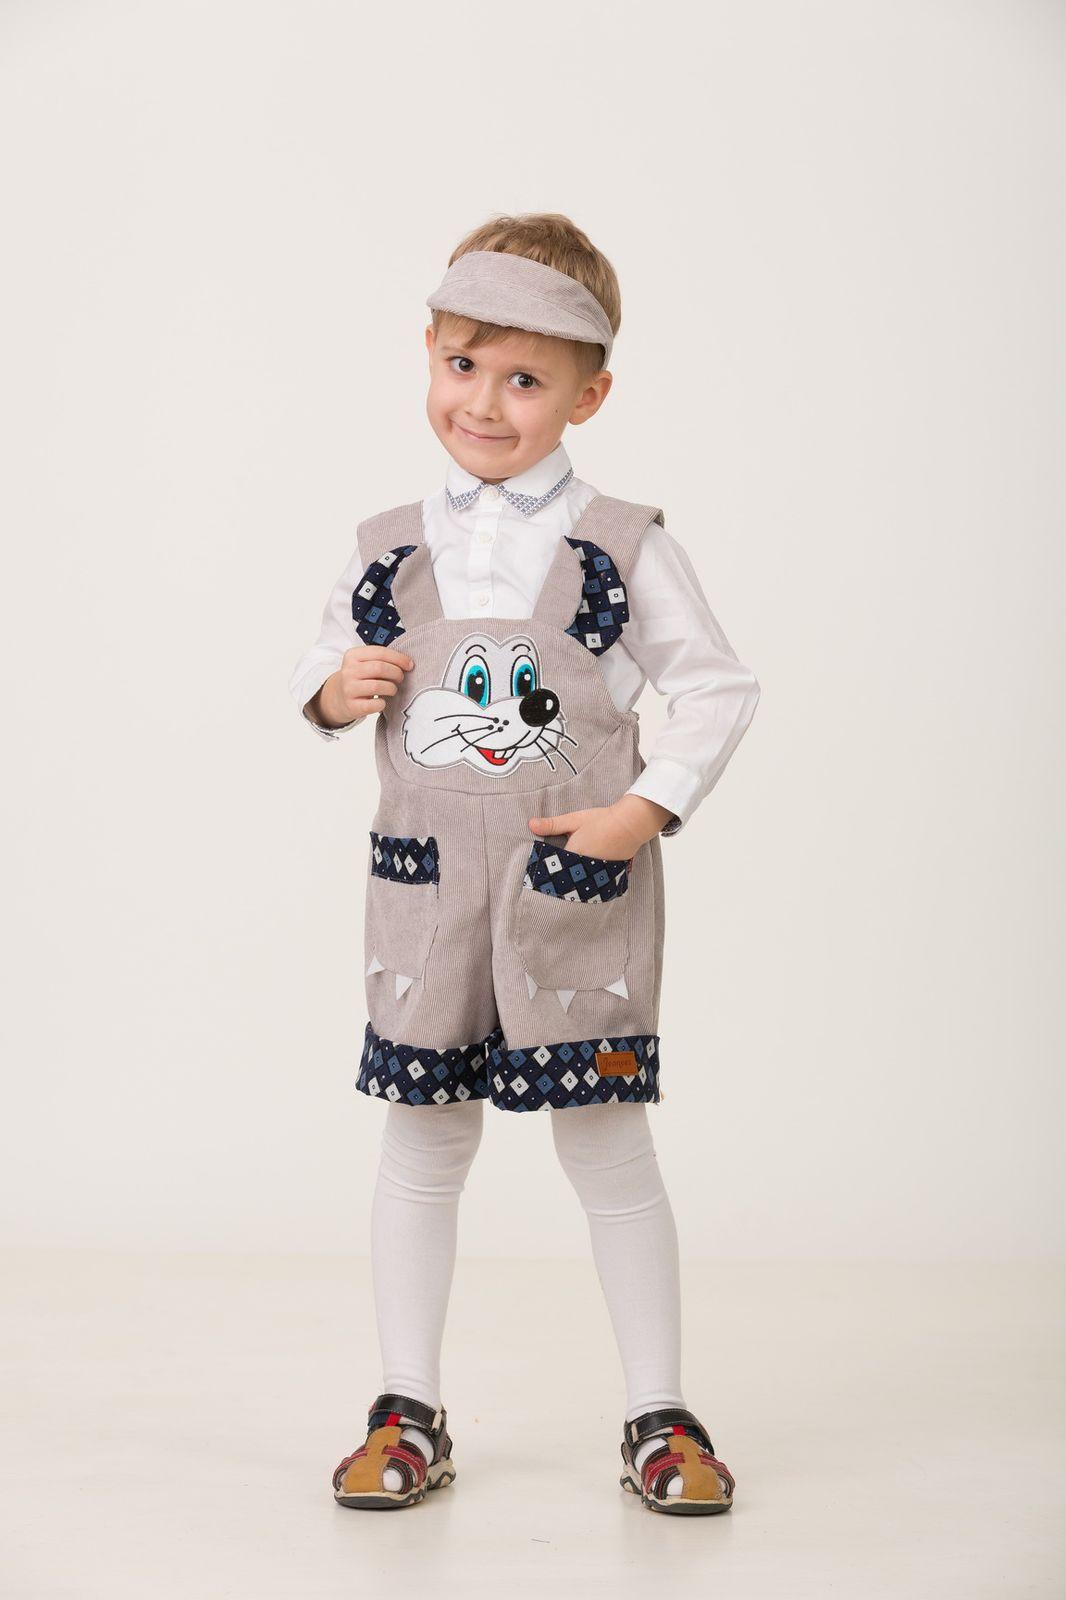 Карнавальный костюм Jeanees Мышонок Масик, цвет: серый. Размер: 28 карнавальный костюм jeanees мышонок масик цвет серый размер 24